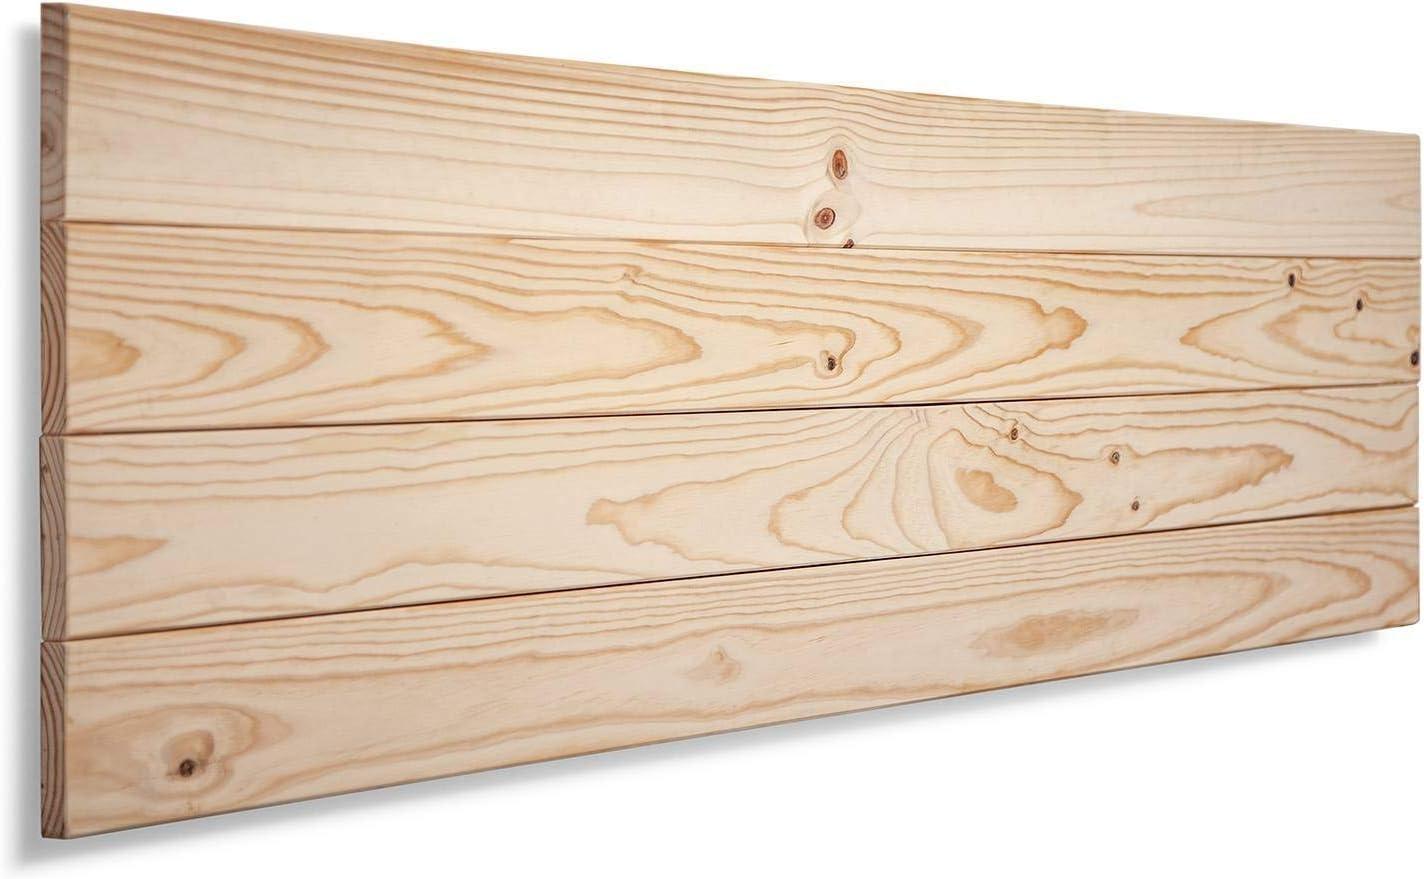 SUENOSZZZ-ESPECIALISTAS DEL DESCANSO Cabecero de Cama de Madera TREVINCA Color Crudo para Pared. Cabecero de Tablas Horizontales. Estilo Vintage, para Camas de 135